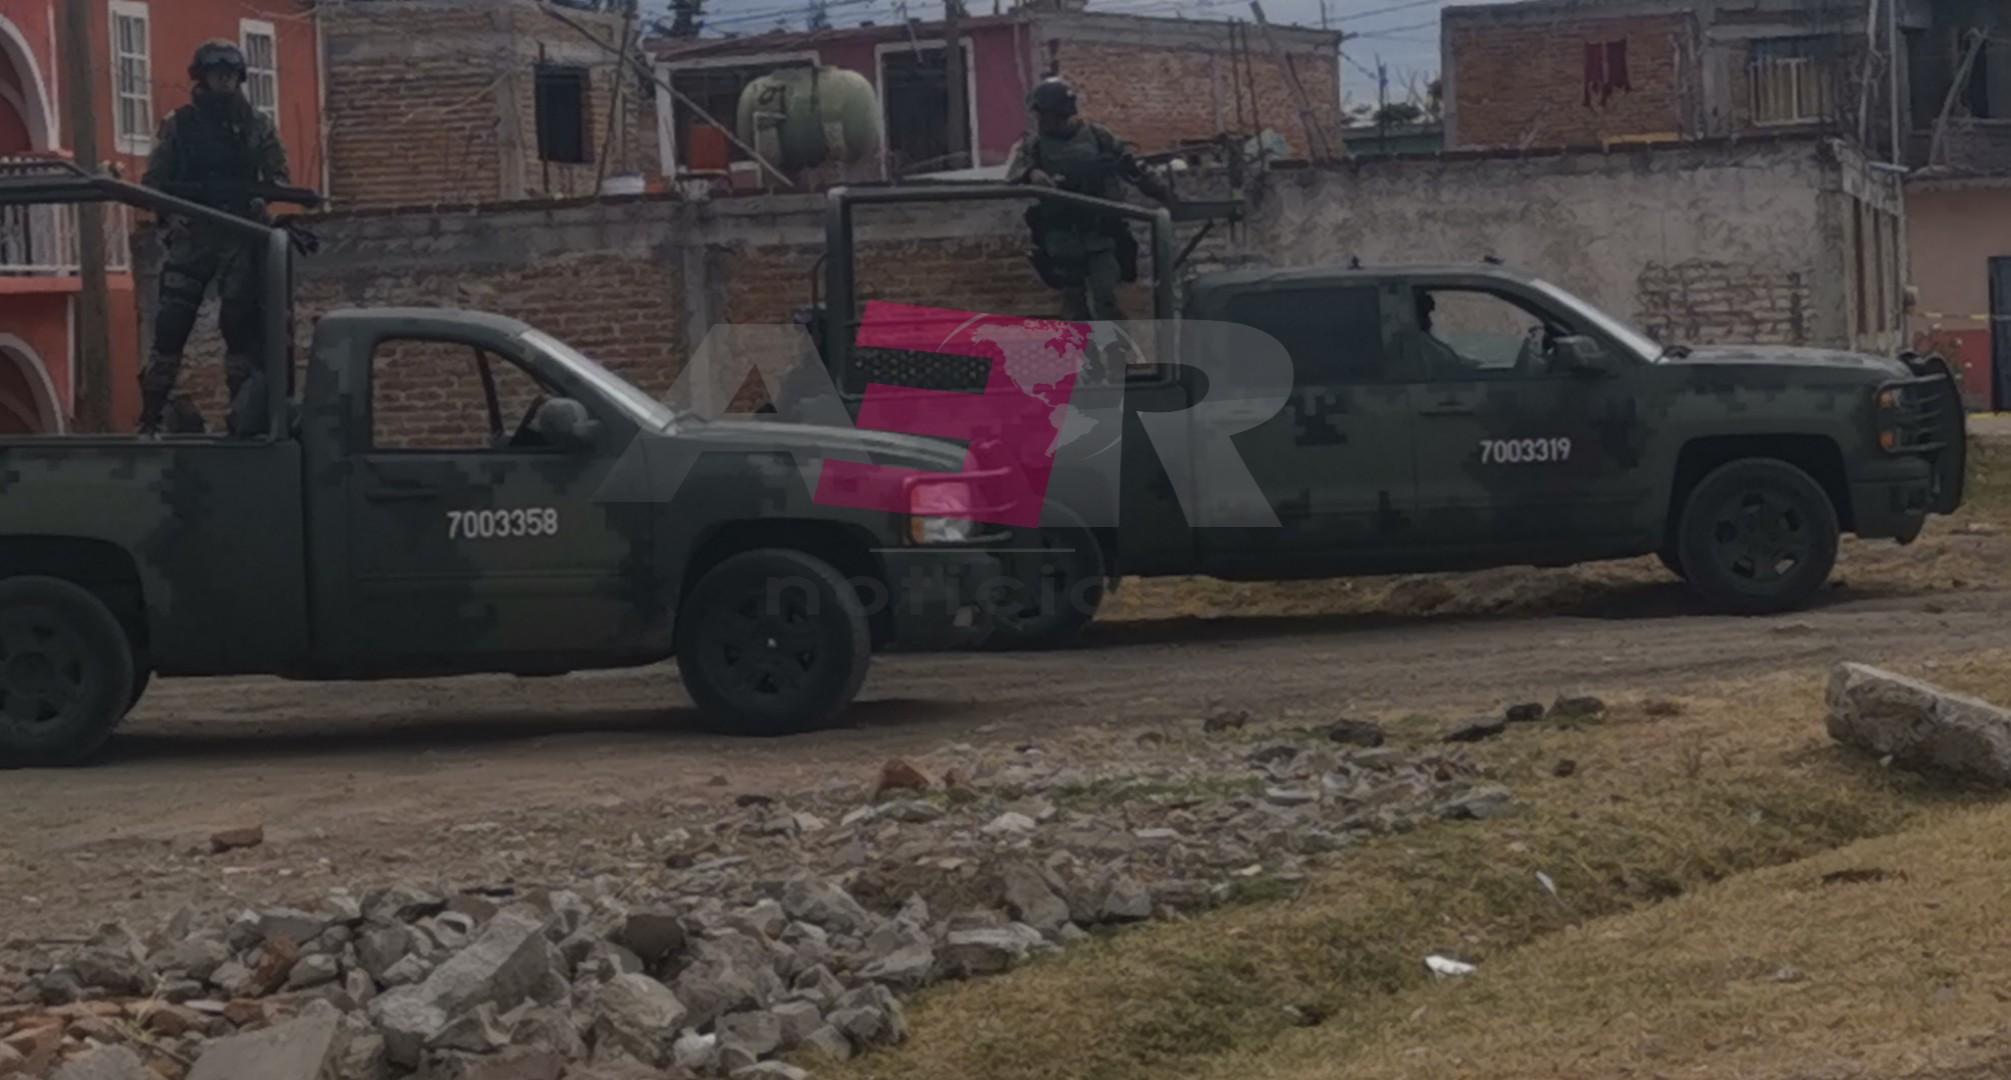 DAÑOS A VIVIENDAS Y VEHÍCULOS POR ARMA DE FUEGO Y ARTEFACTO EXPLOSIVO EN LA COLONIA AZTECA 2